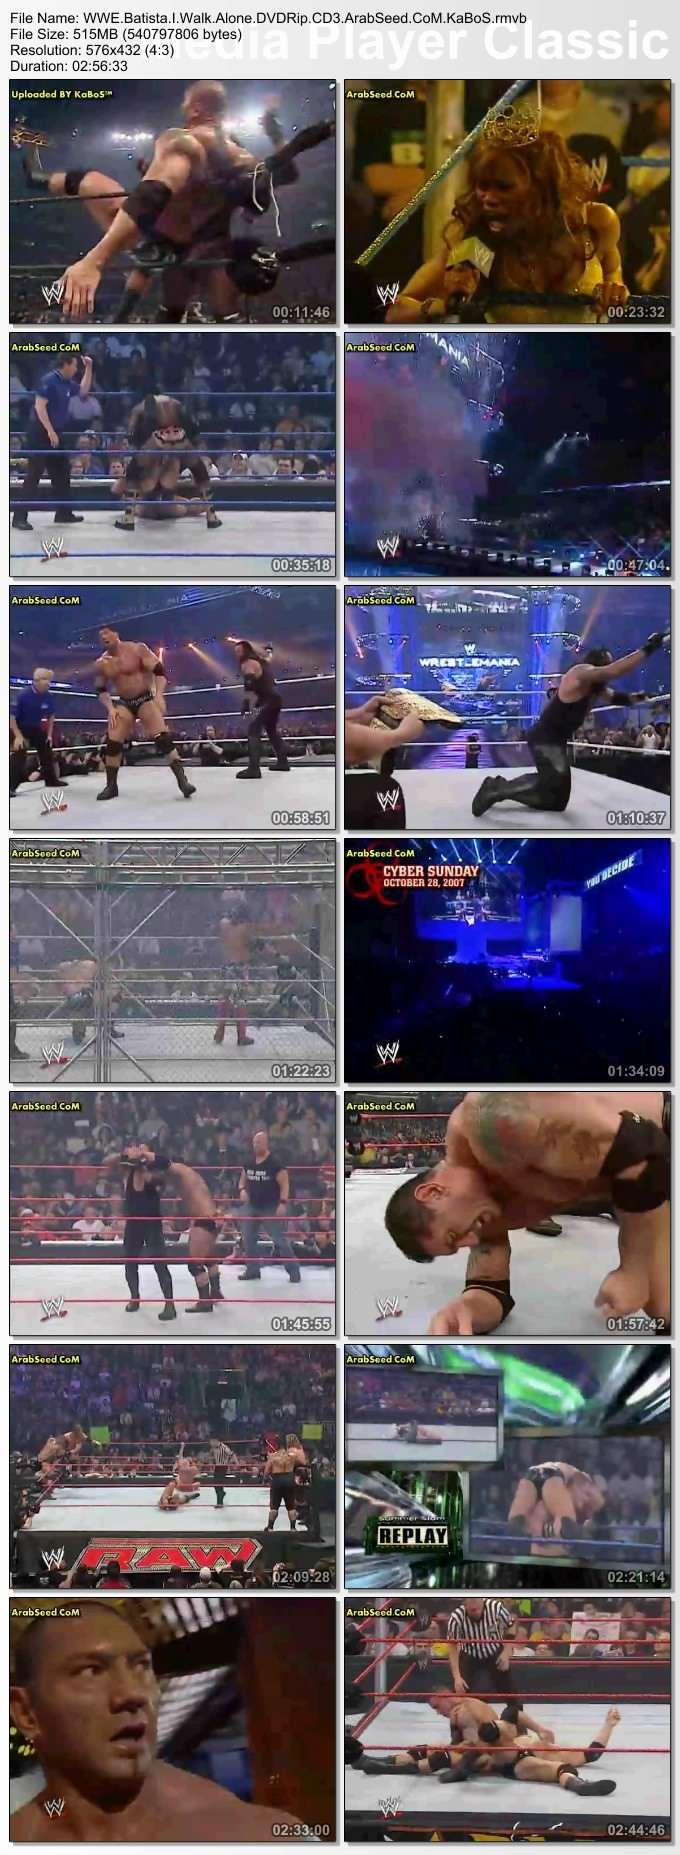 باتيستا Batista Walk Alone DVDRip 312.jpg